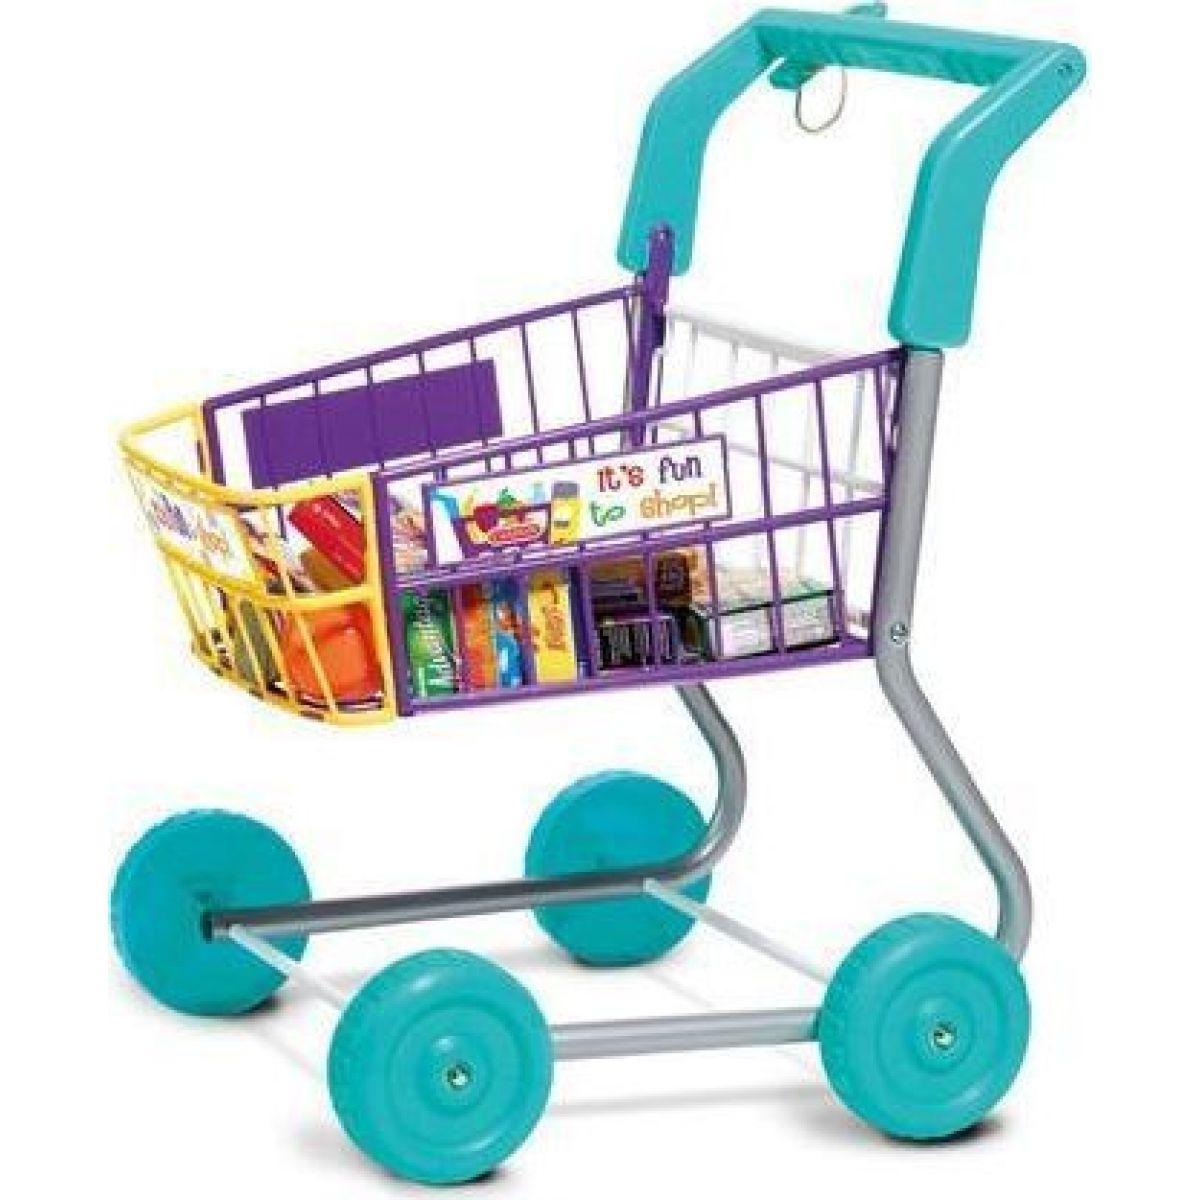 Casdon nákupný vozík 48 cm